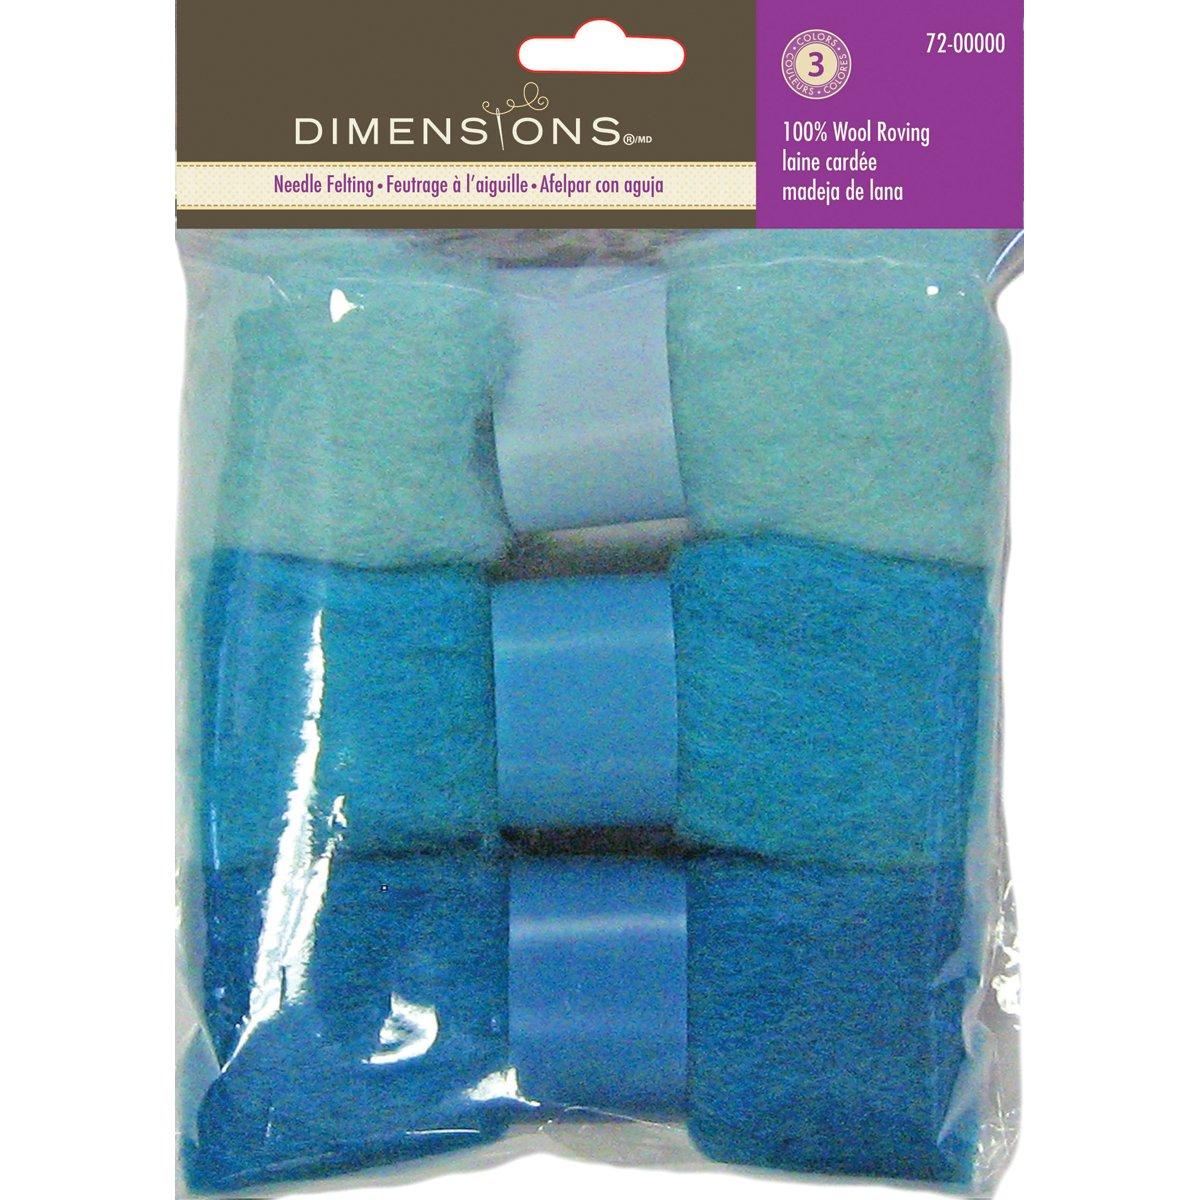 Dimensions Needlecraft 3-Pack Wool Roving, Orange Red EKS 72-73929